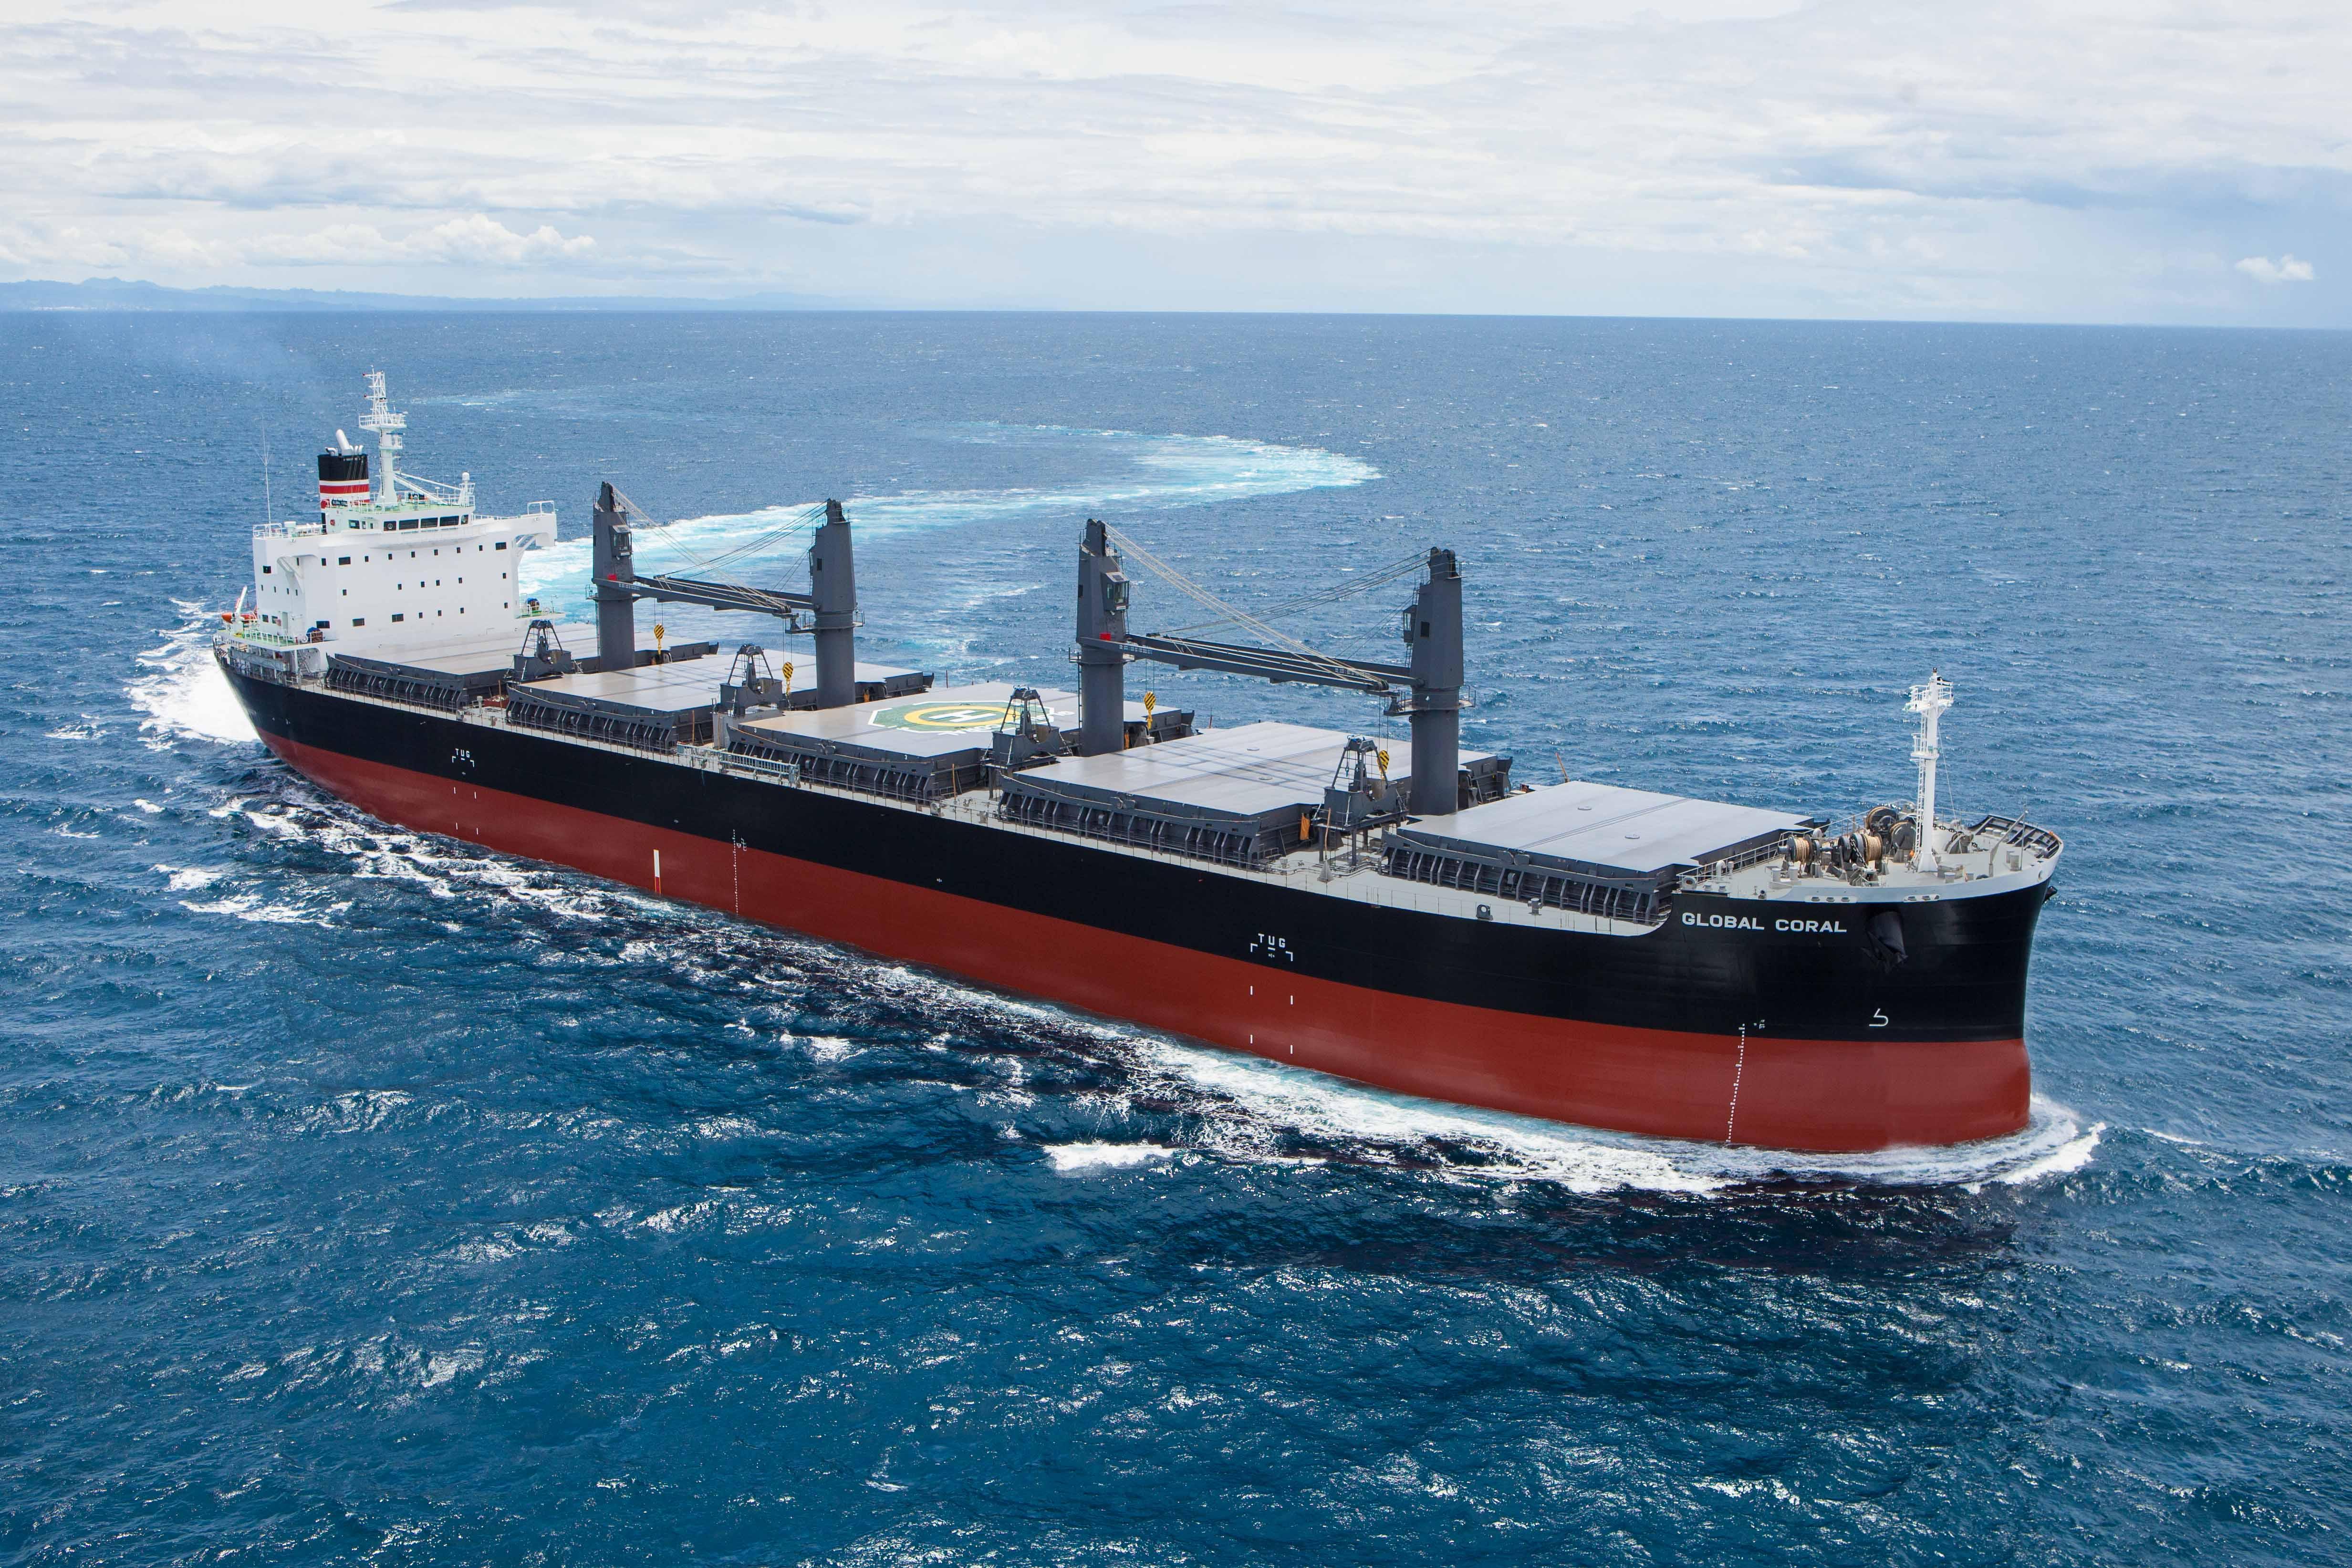 """常石造船海外集团公司的TSUNEISHI HEAVY INDUSTRIES (CEBU), Inc.于本月建成、交付了TESS45后继船型""""TESS45BOX""""第3艘船"""